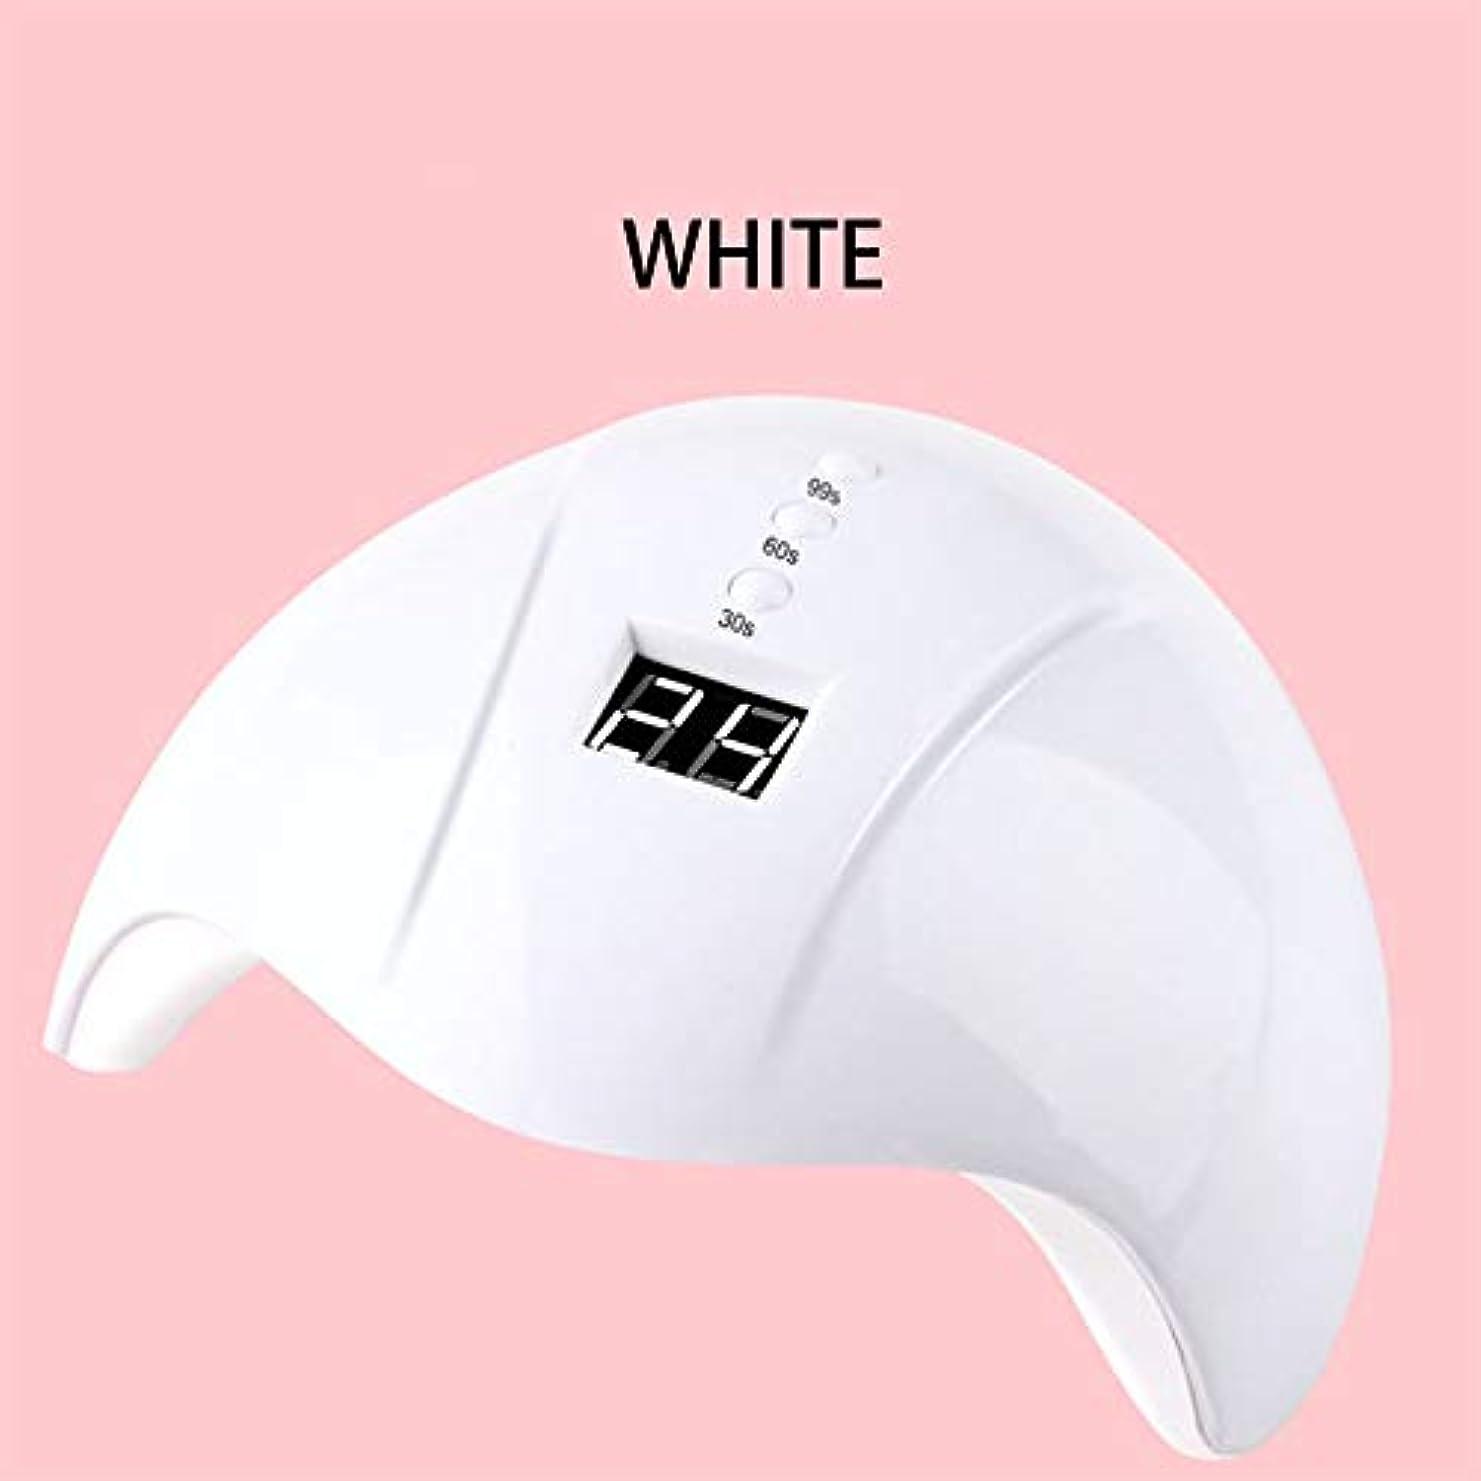 ハウジングファシズムバンガロー36W紫外線LEDジェルマニキュアを硬化させるための赤外線センサー、UVネイルライトクイック乾燥機、3つのタイマーとネイルLEDランプ(PINK/WHITE),白